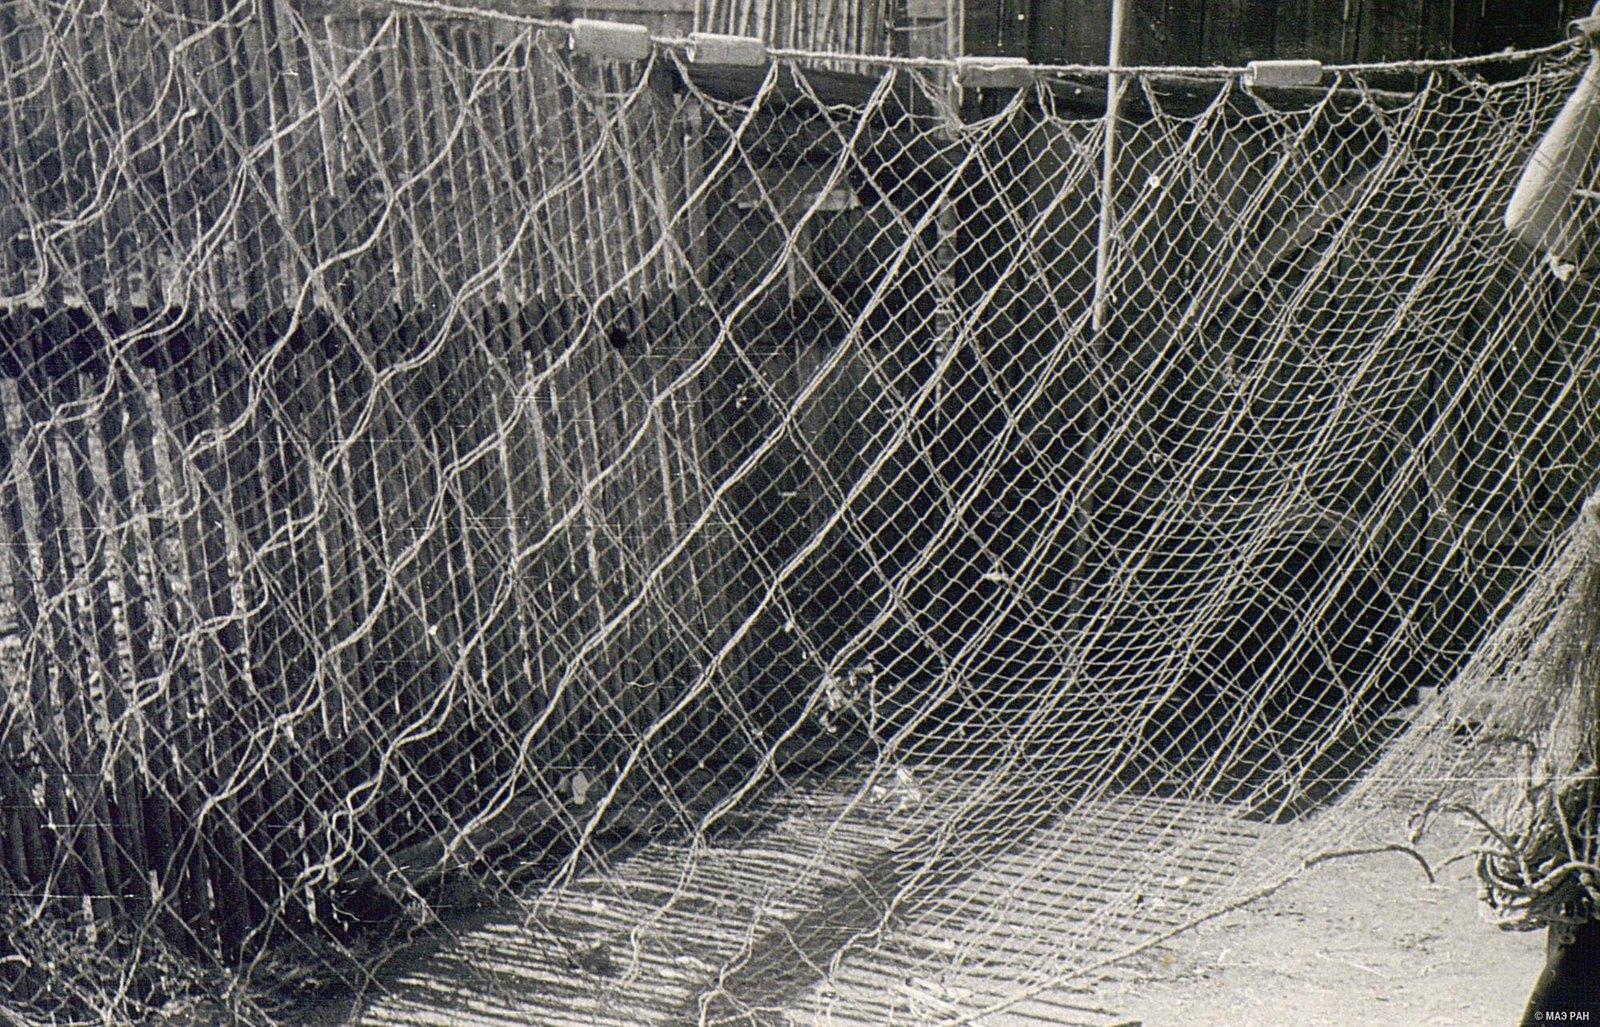 59. Трехстенная рыболовная сеть